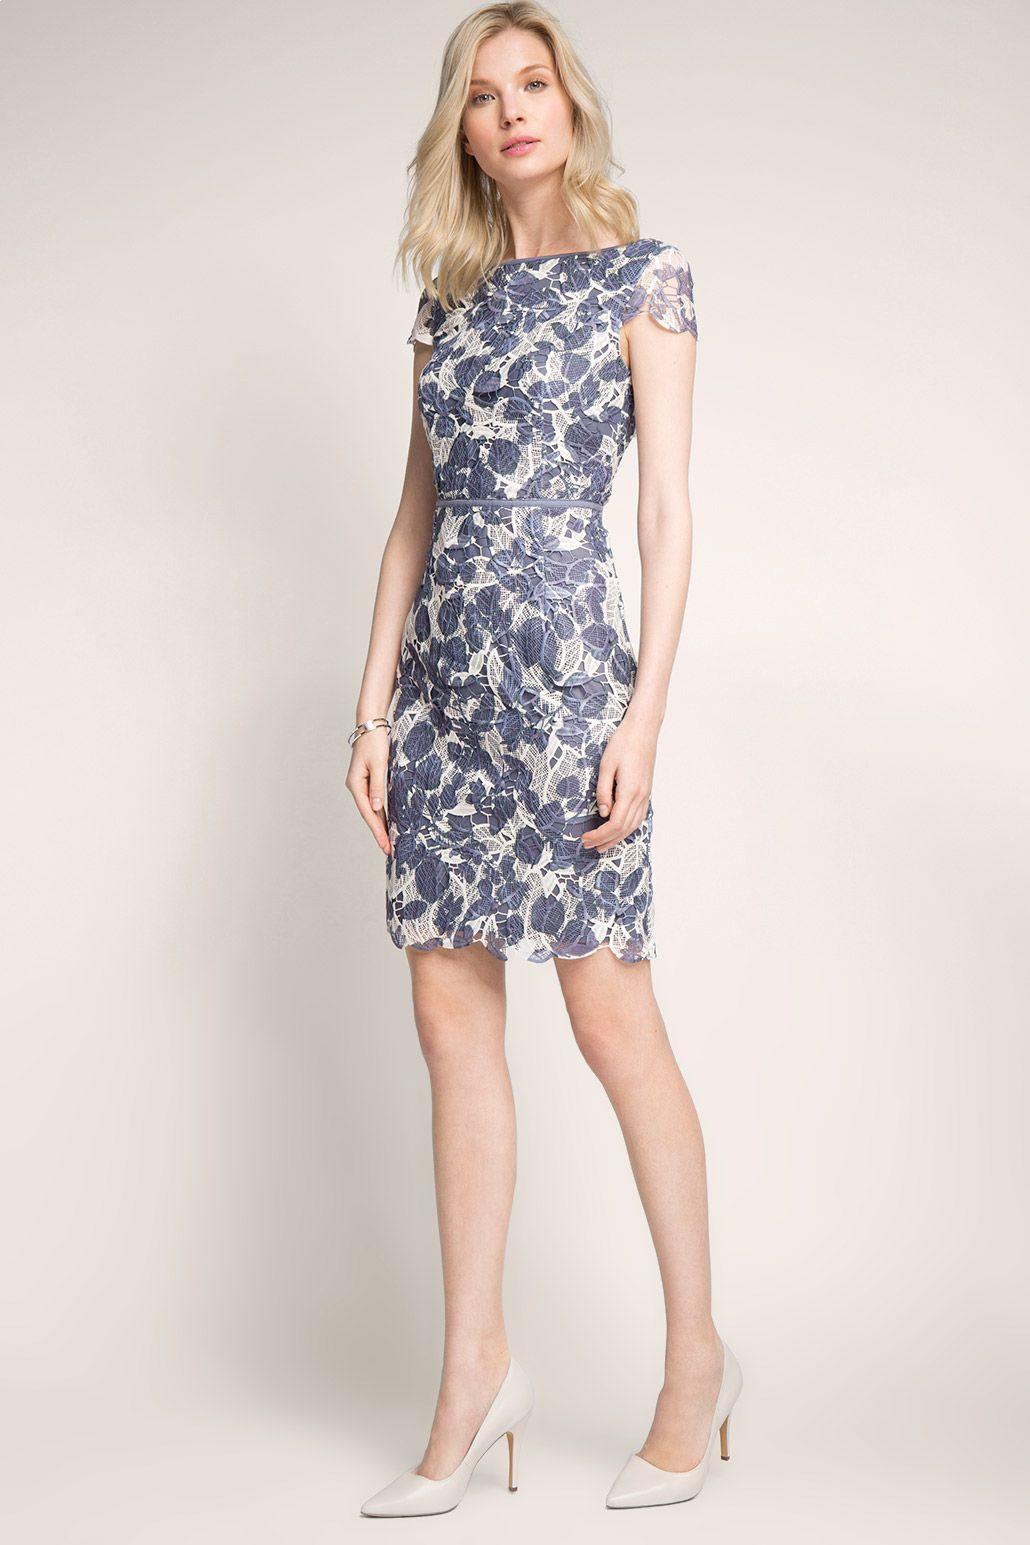 20 Fantastisch Esprit Abend Kleider DesignDesigner Einfach Esprit Abend Kleider Boutique